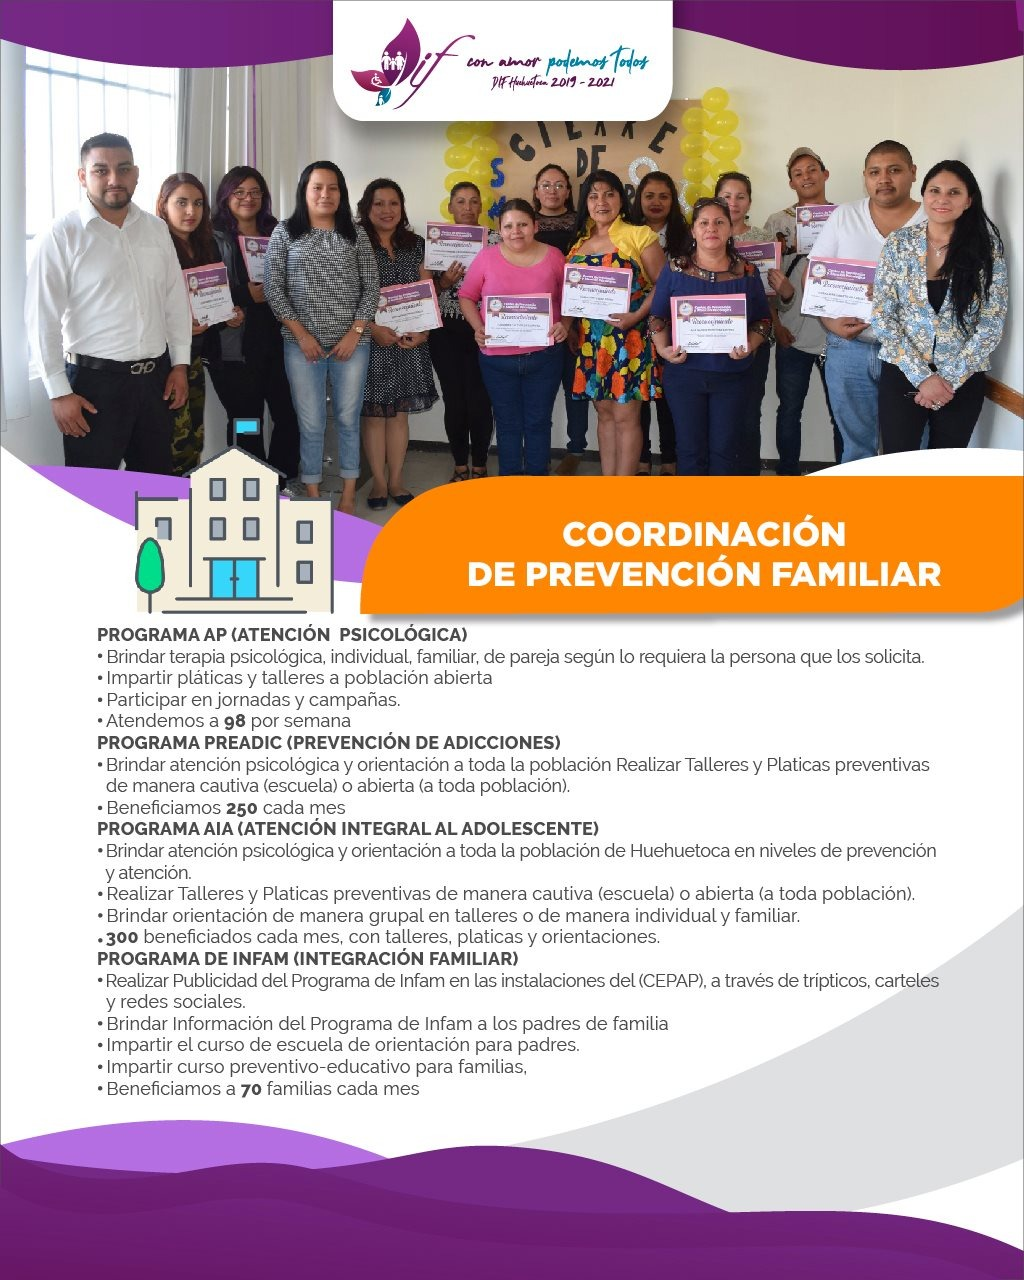 Coordinación de Prevención Familiar